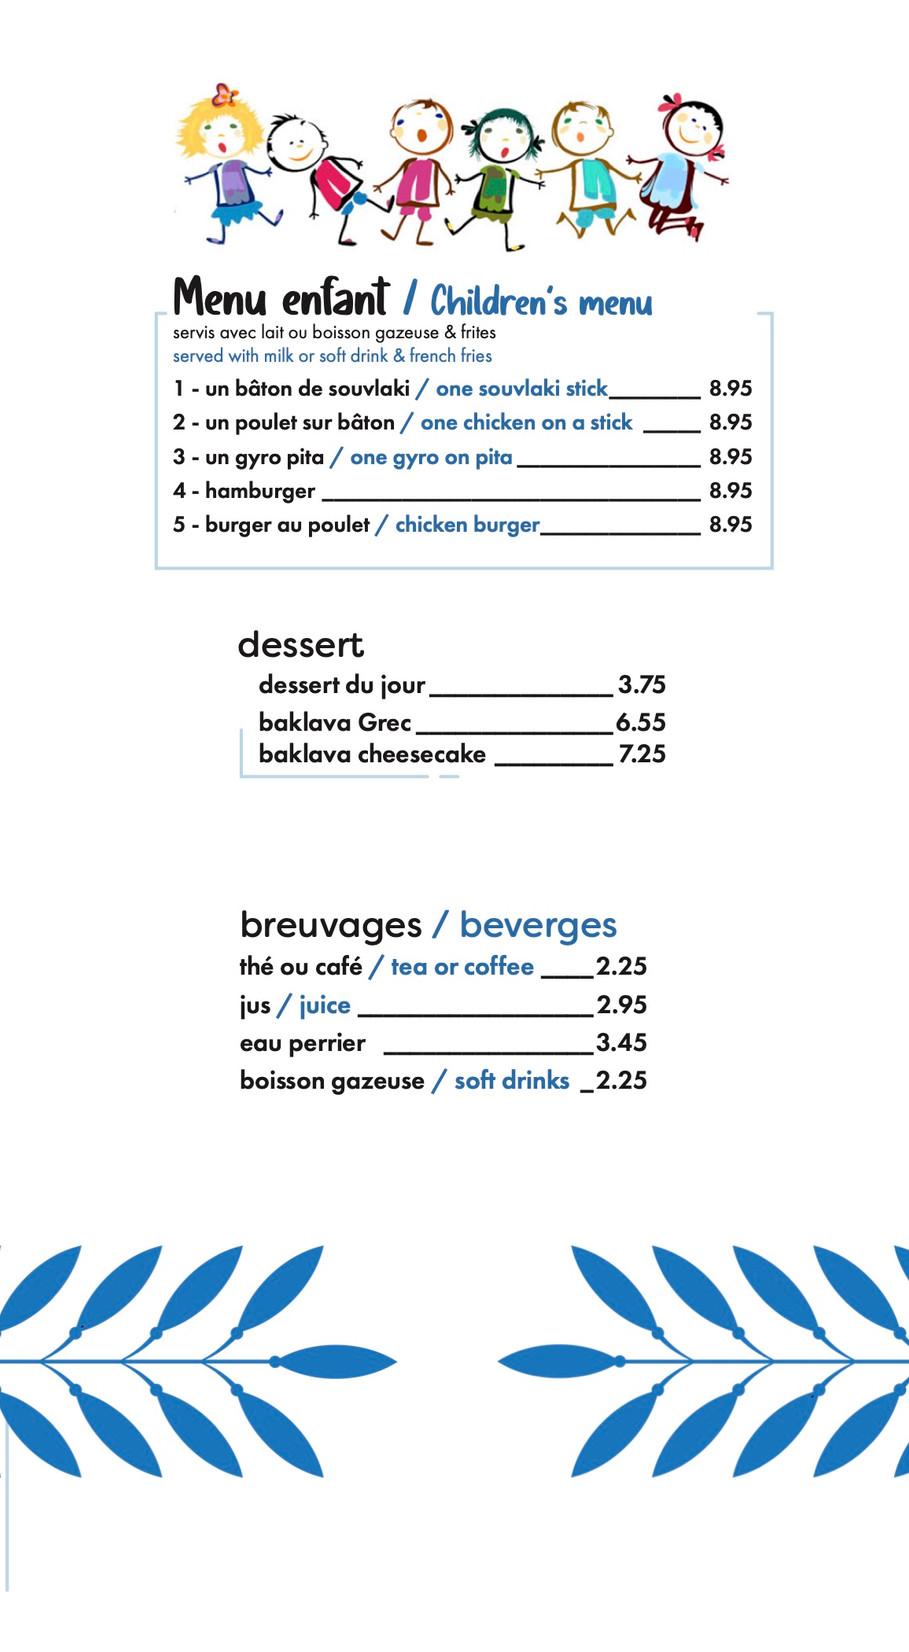 Souvlaki menu 6.jpg